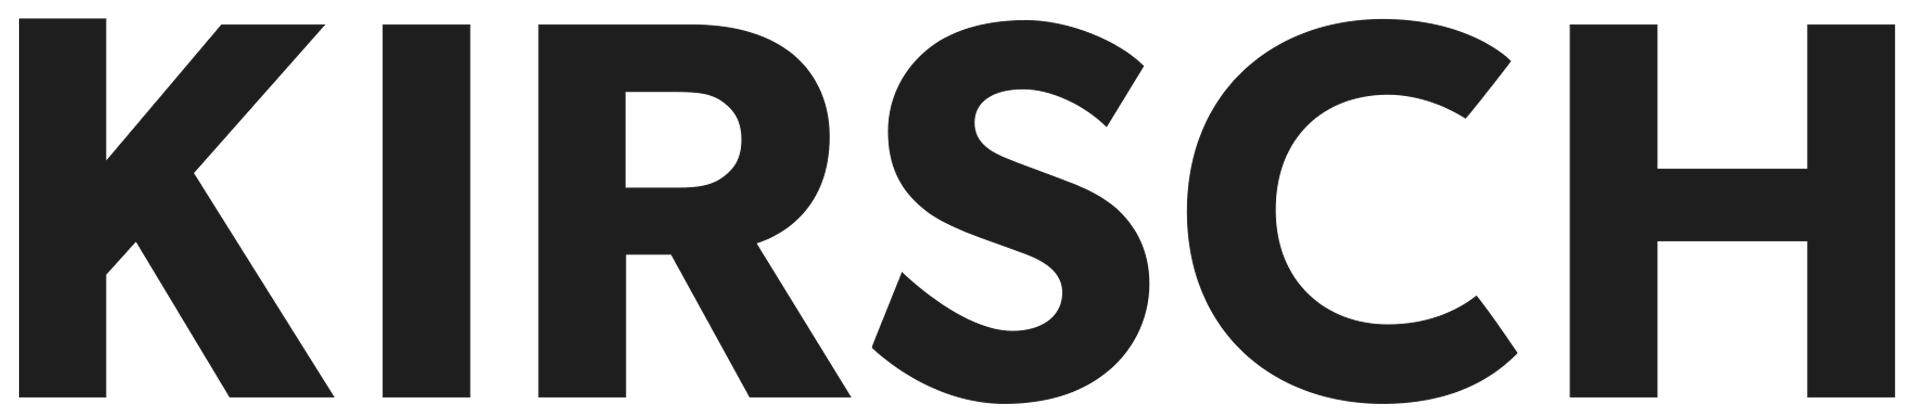 Kirsch Kommunikationsdesign GmbH